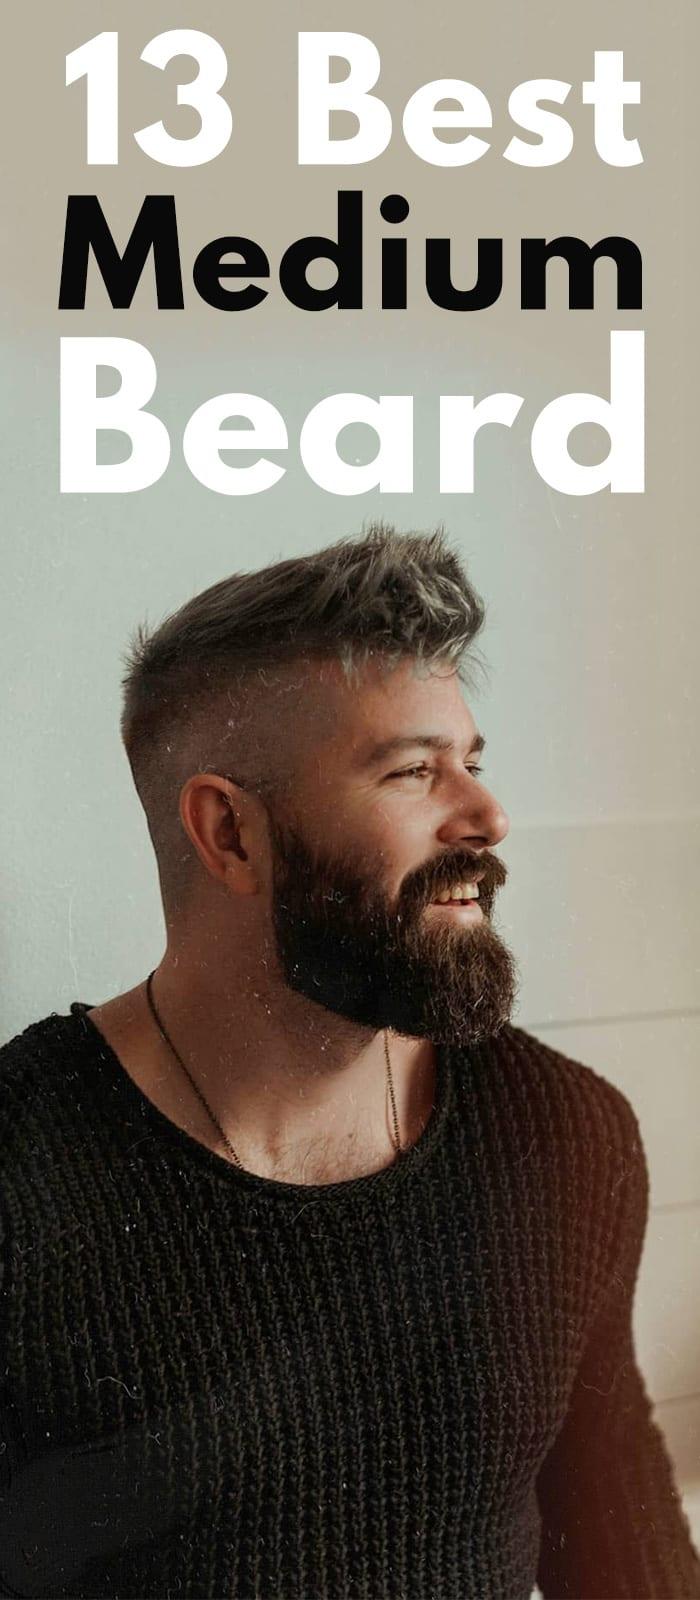 13 Best Medium Beard